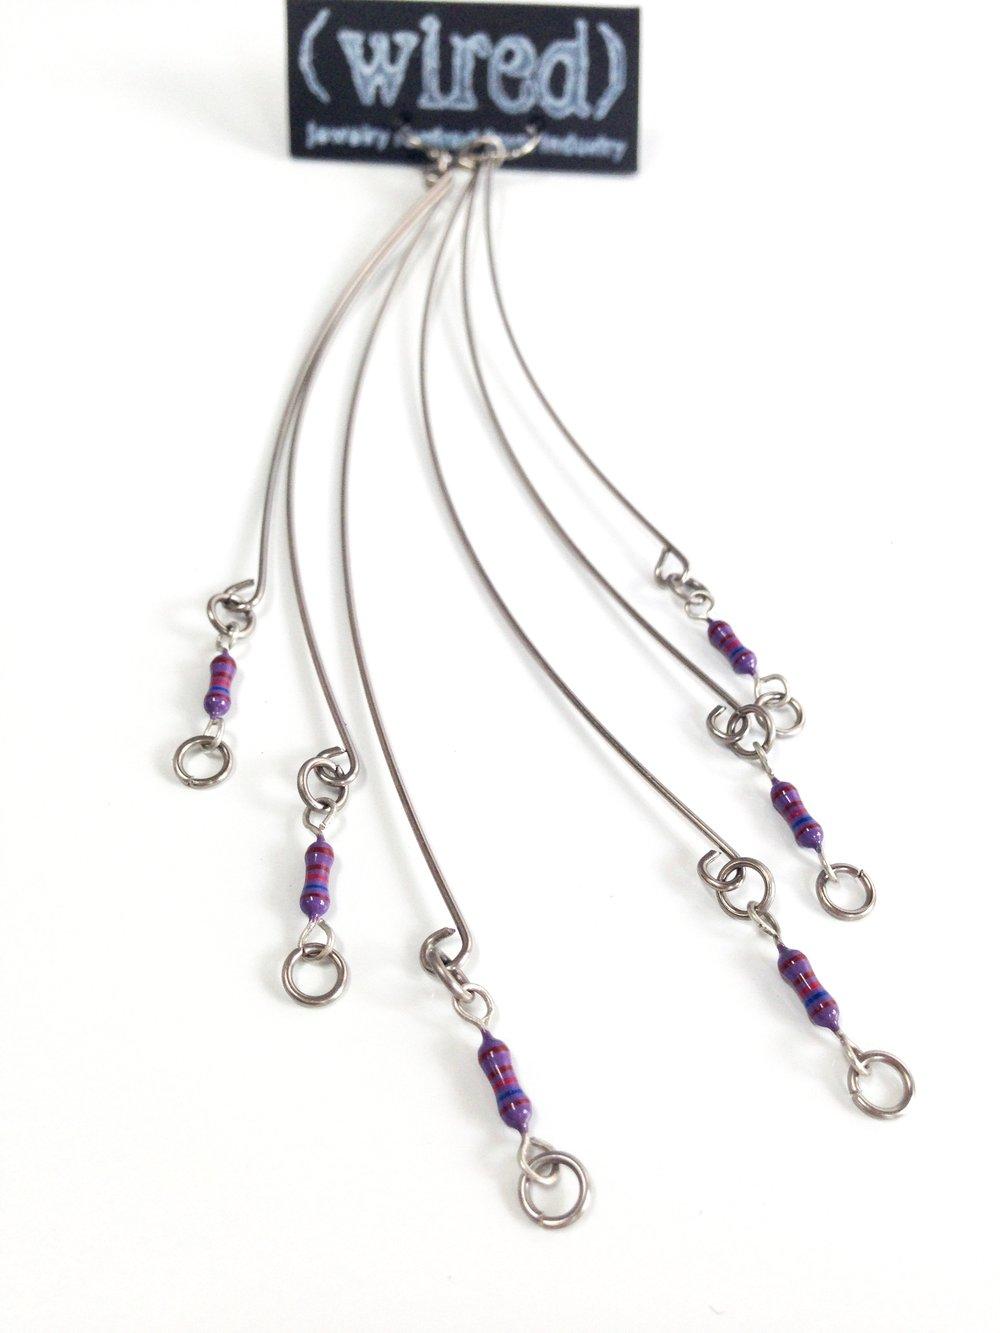 Image of P3 Long Resistor Earrings